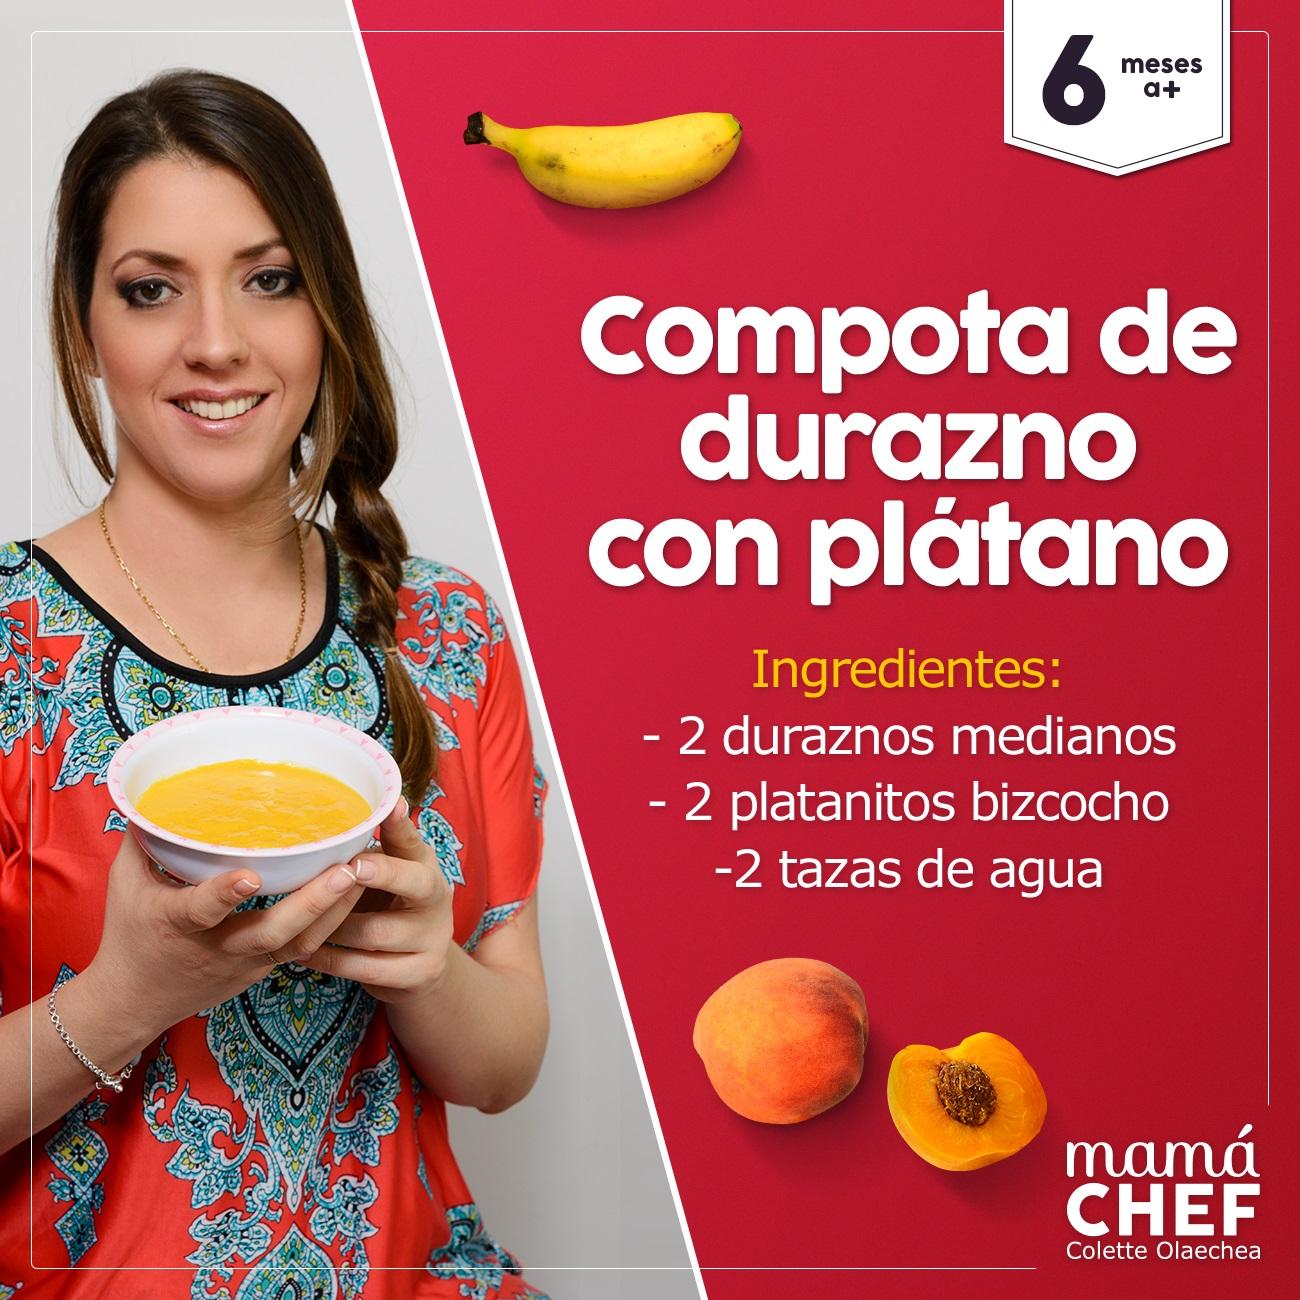 Papillas compata durazno bebes 6 meses Mama Chef Colette Olaechea